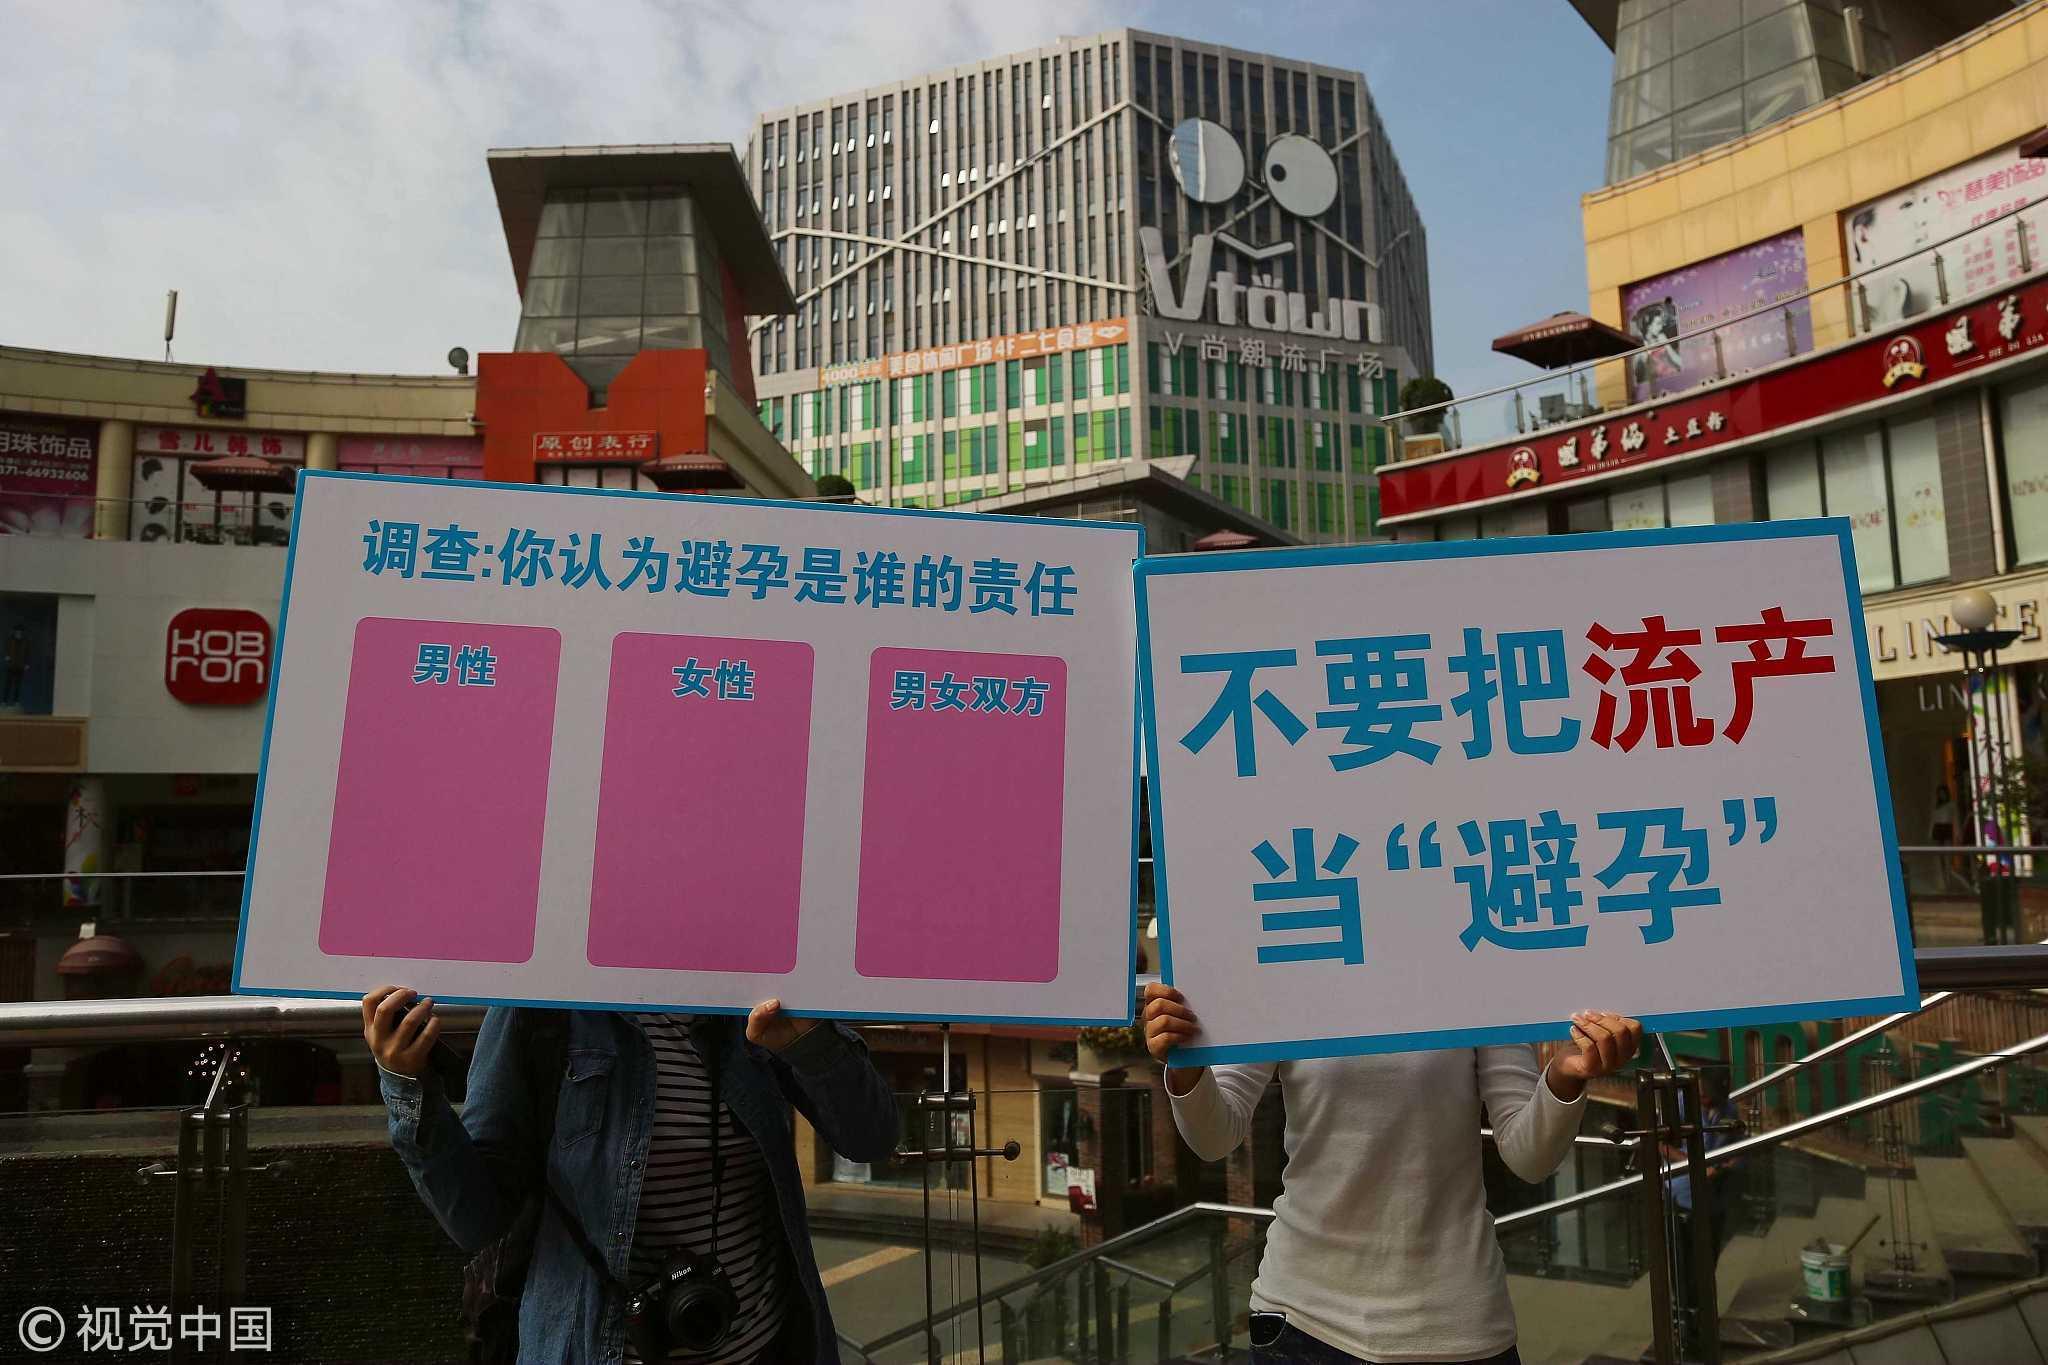 2018-10-18,郑州市二七广场,三名女子举着牌子宣传:不要把人流当避孕。 / 视觉中国